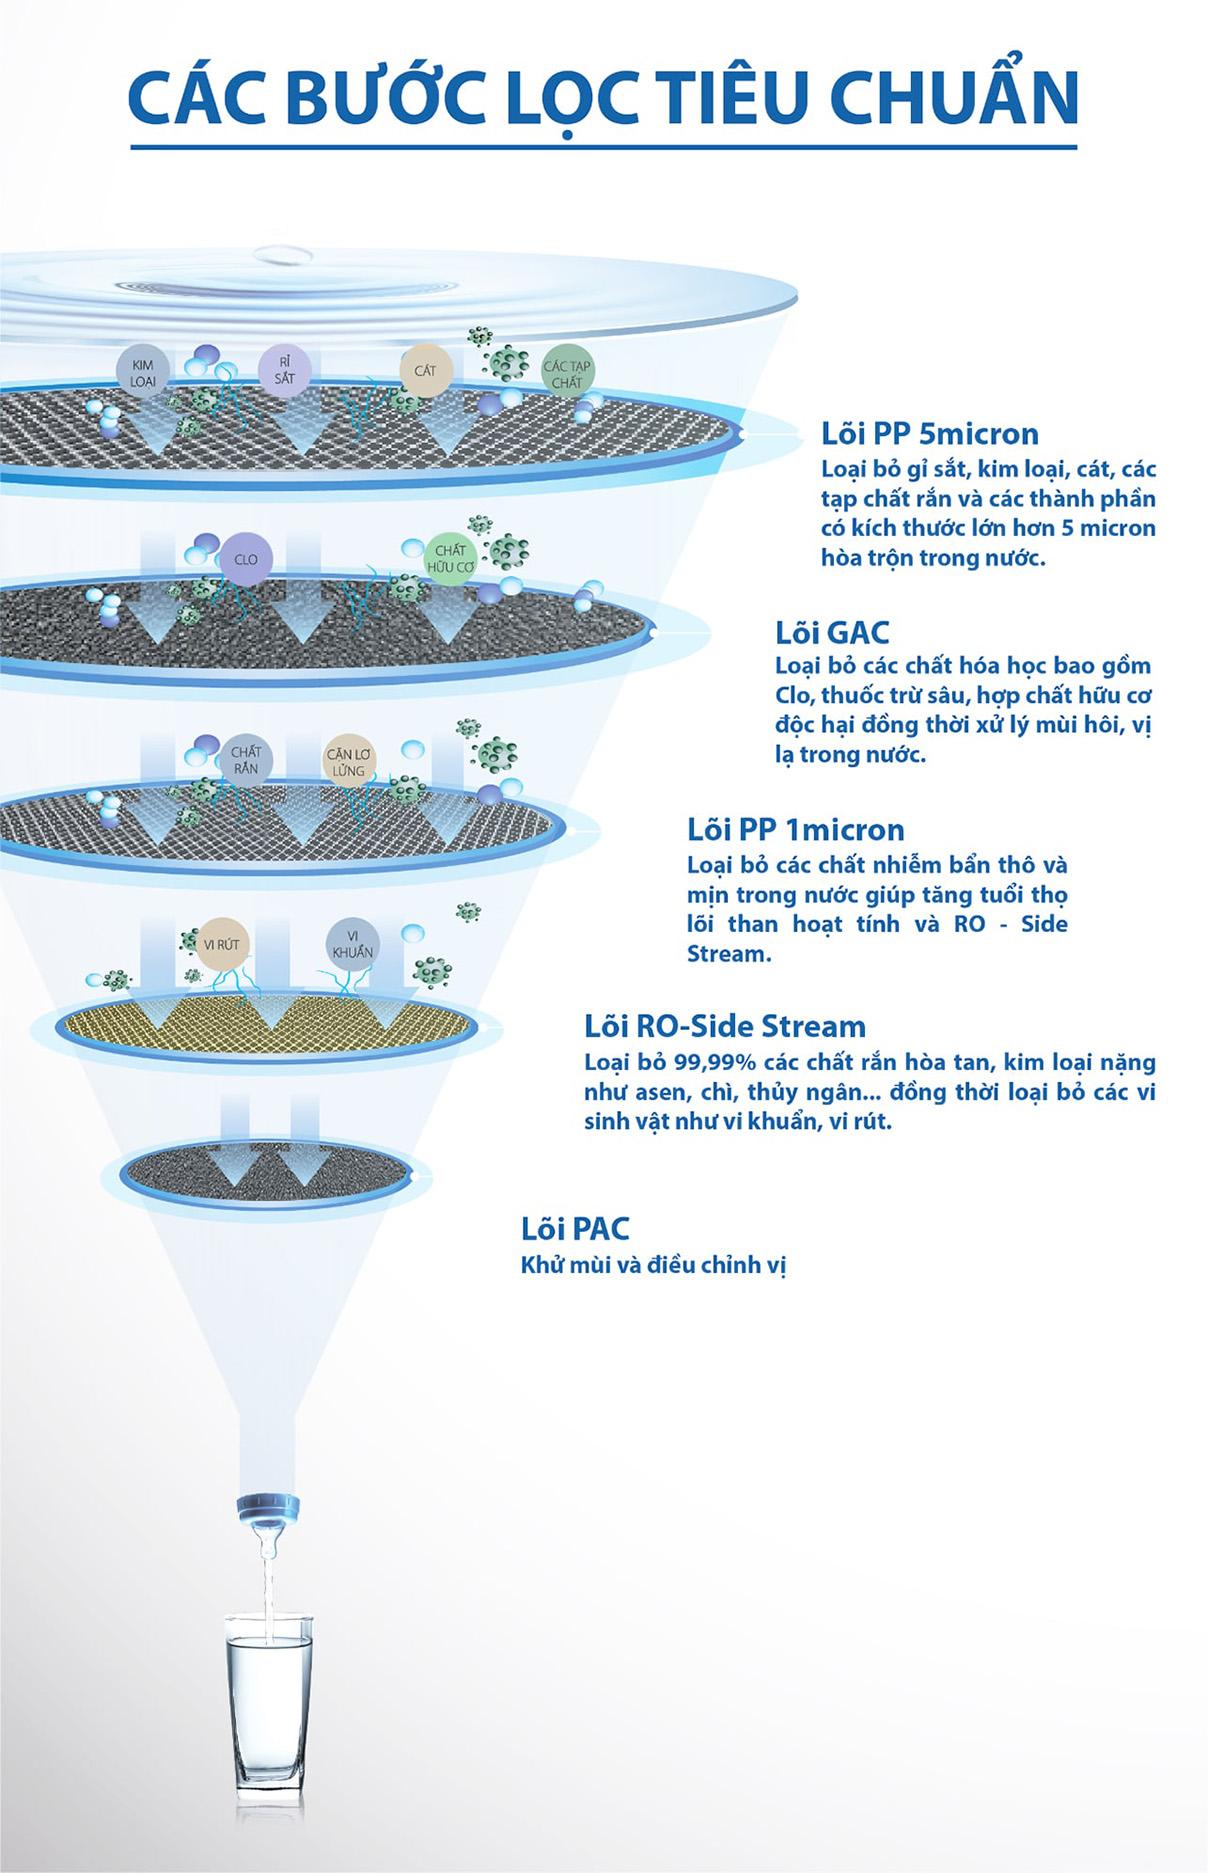 Nguồn nước sau khi lọc bởi máy lọc nước Aosmith E2 trở nên tinh khiết hoàn toàn